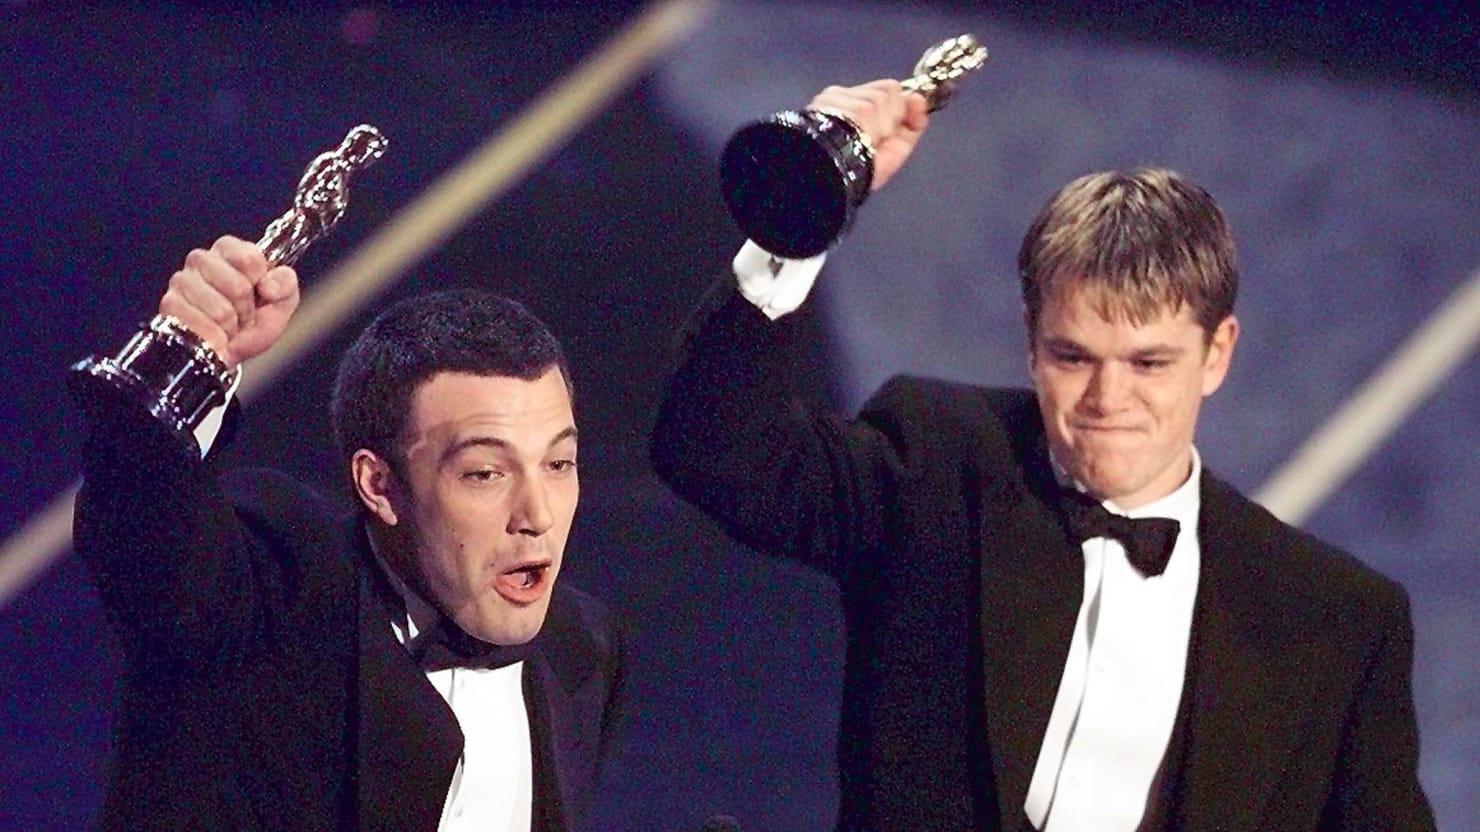 Best Oscar Speeches of All Time: Tom Hanks, Meryl Streep & More